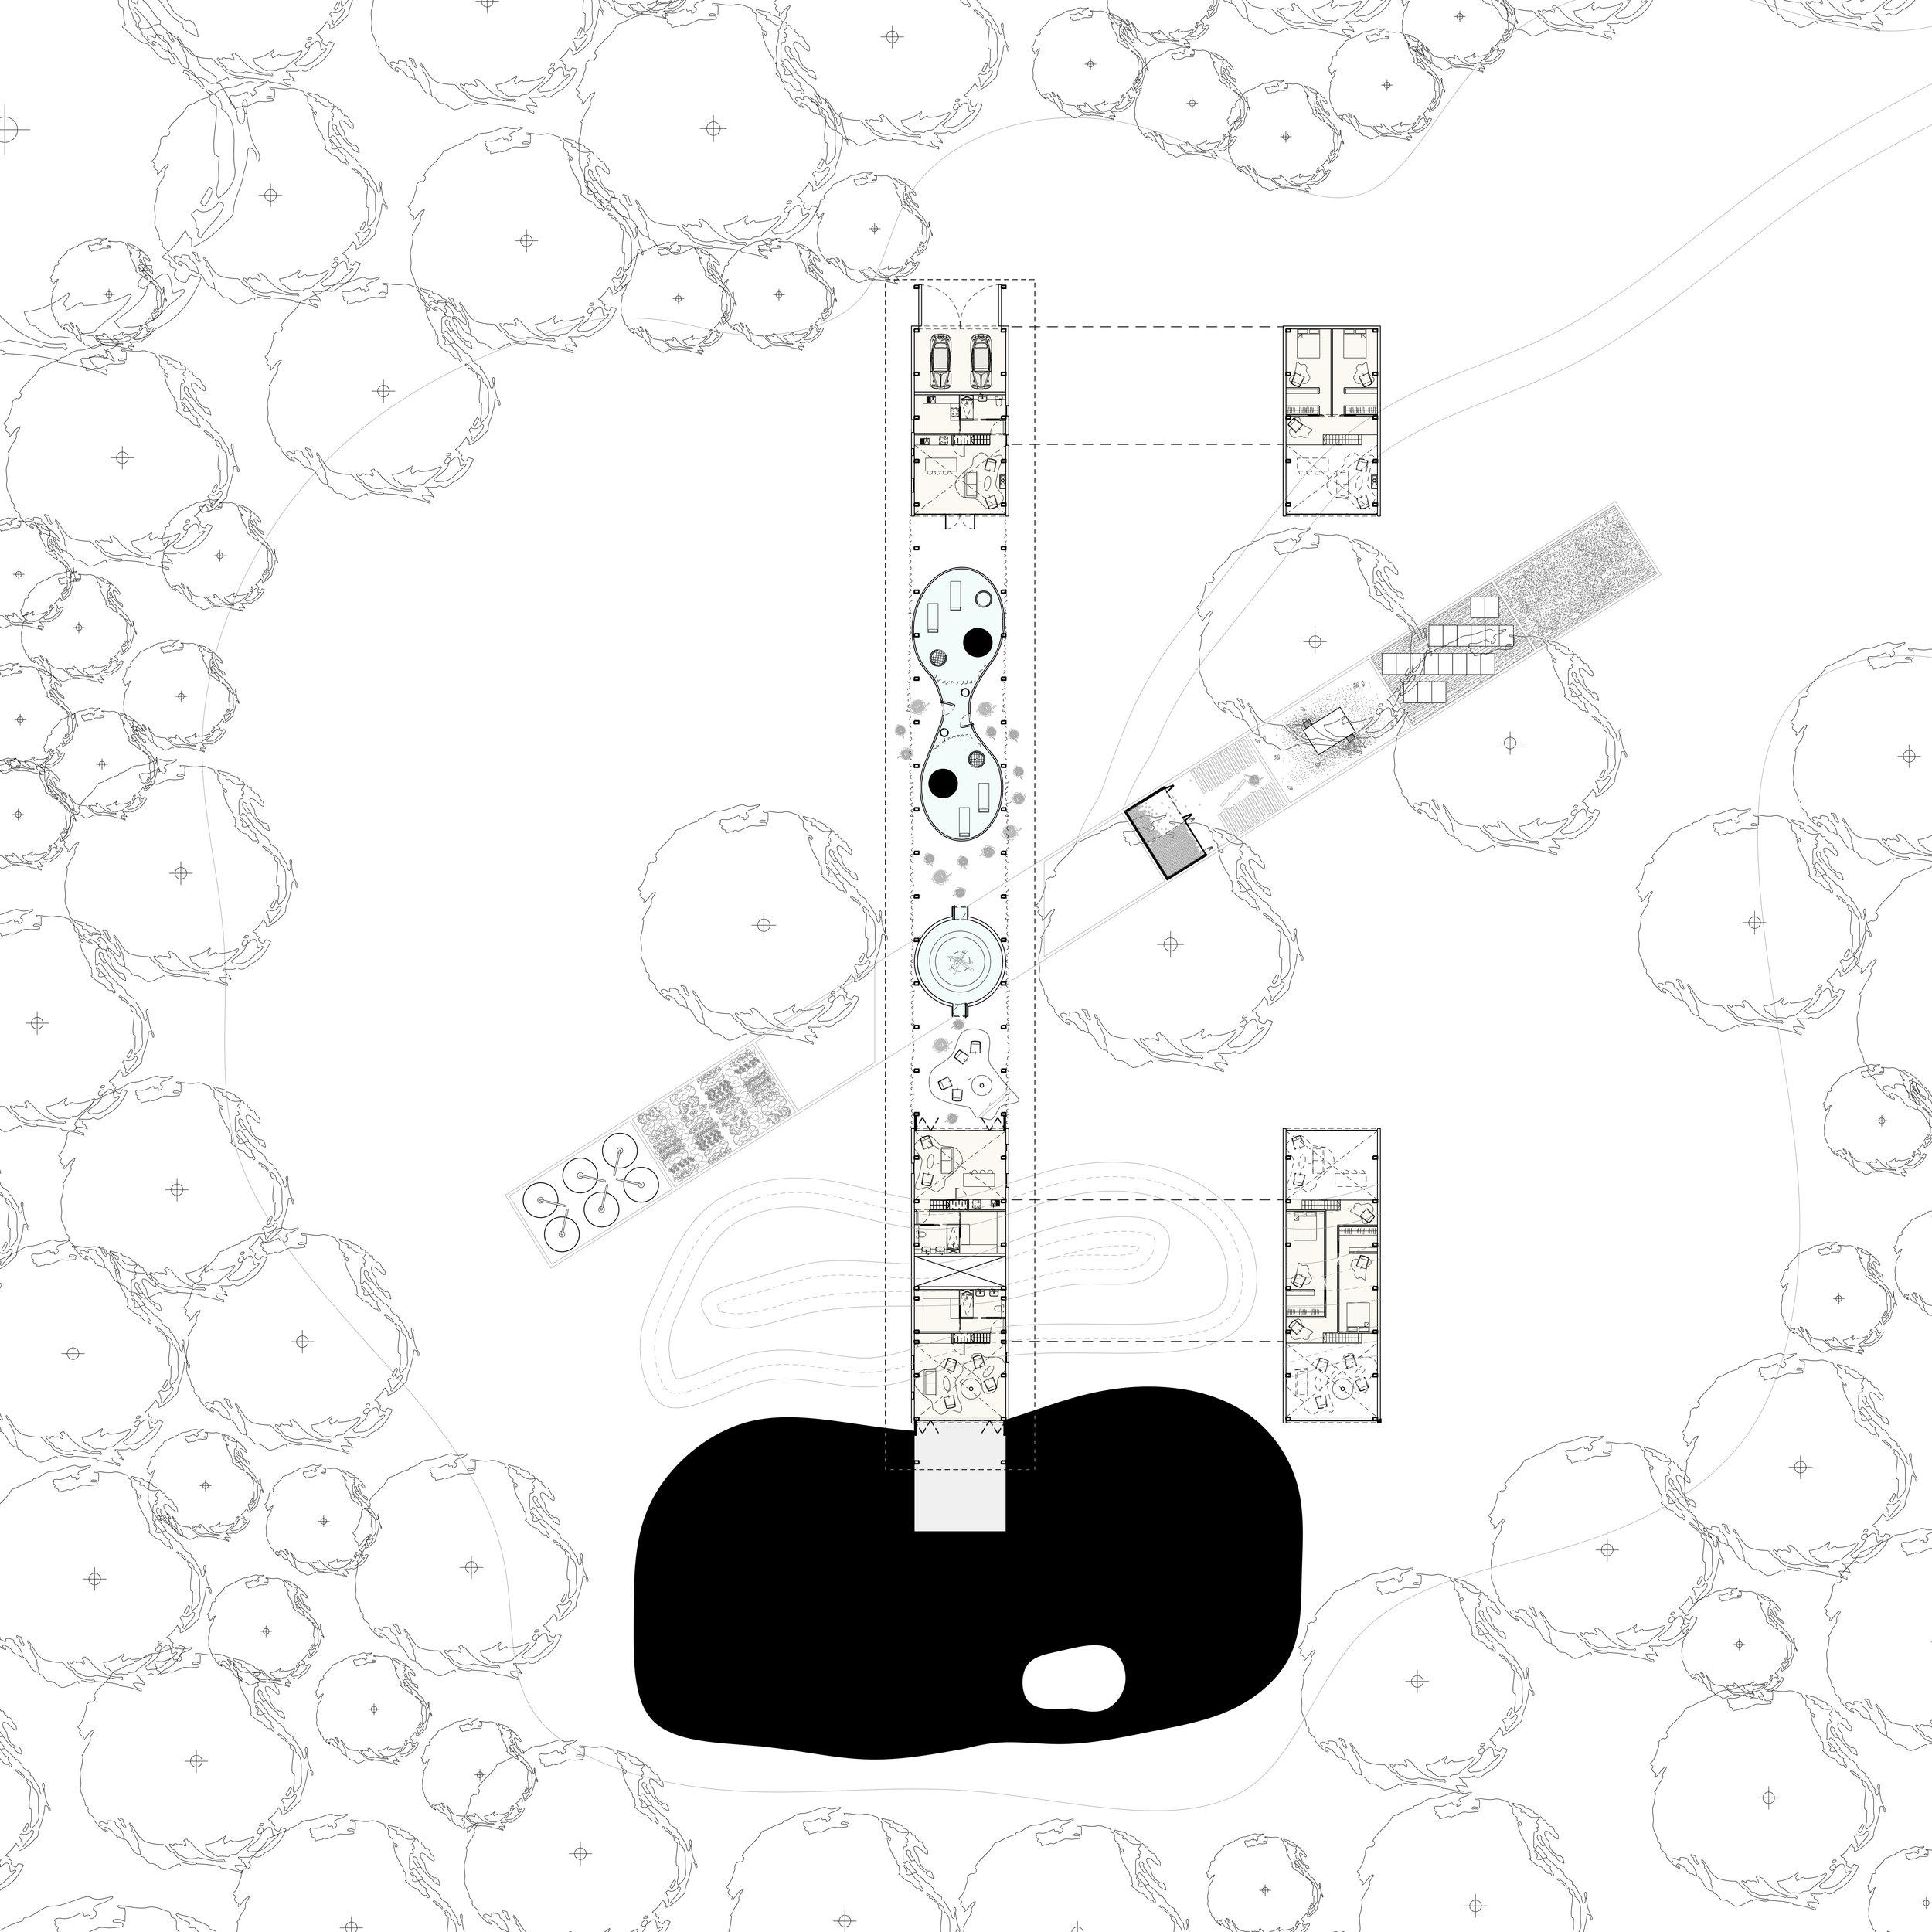 04-Ground Plan.jpg